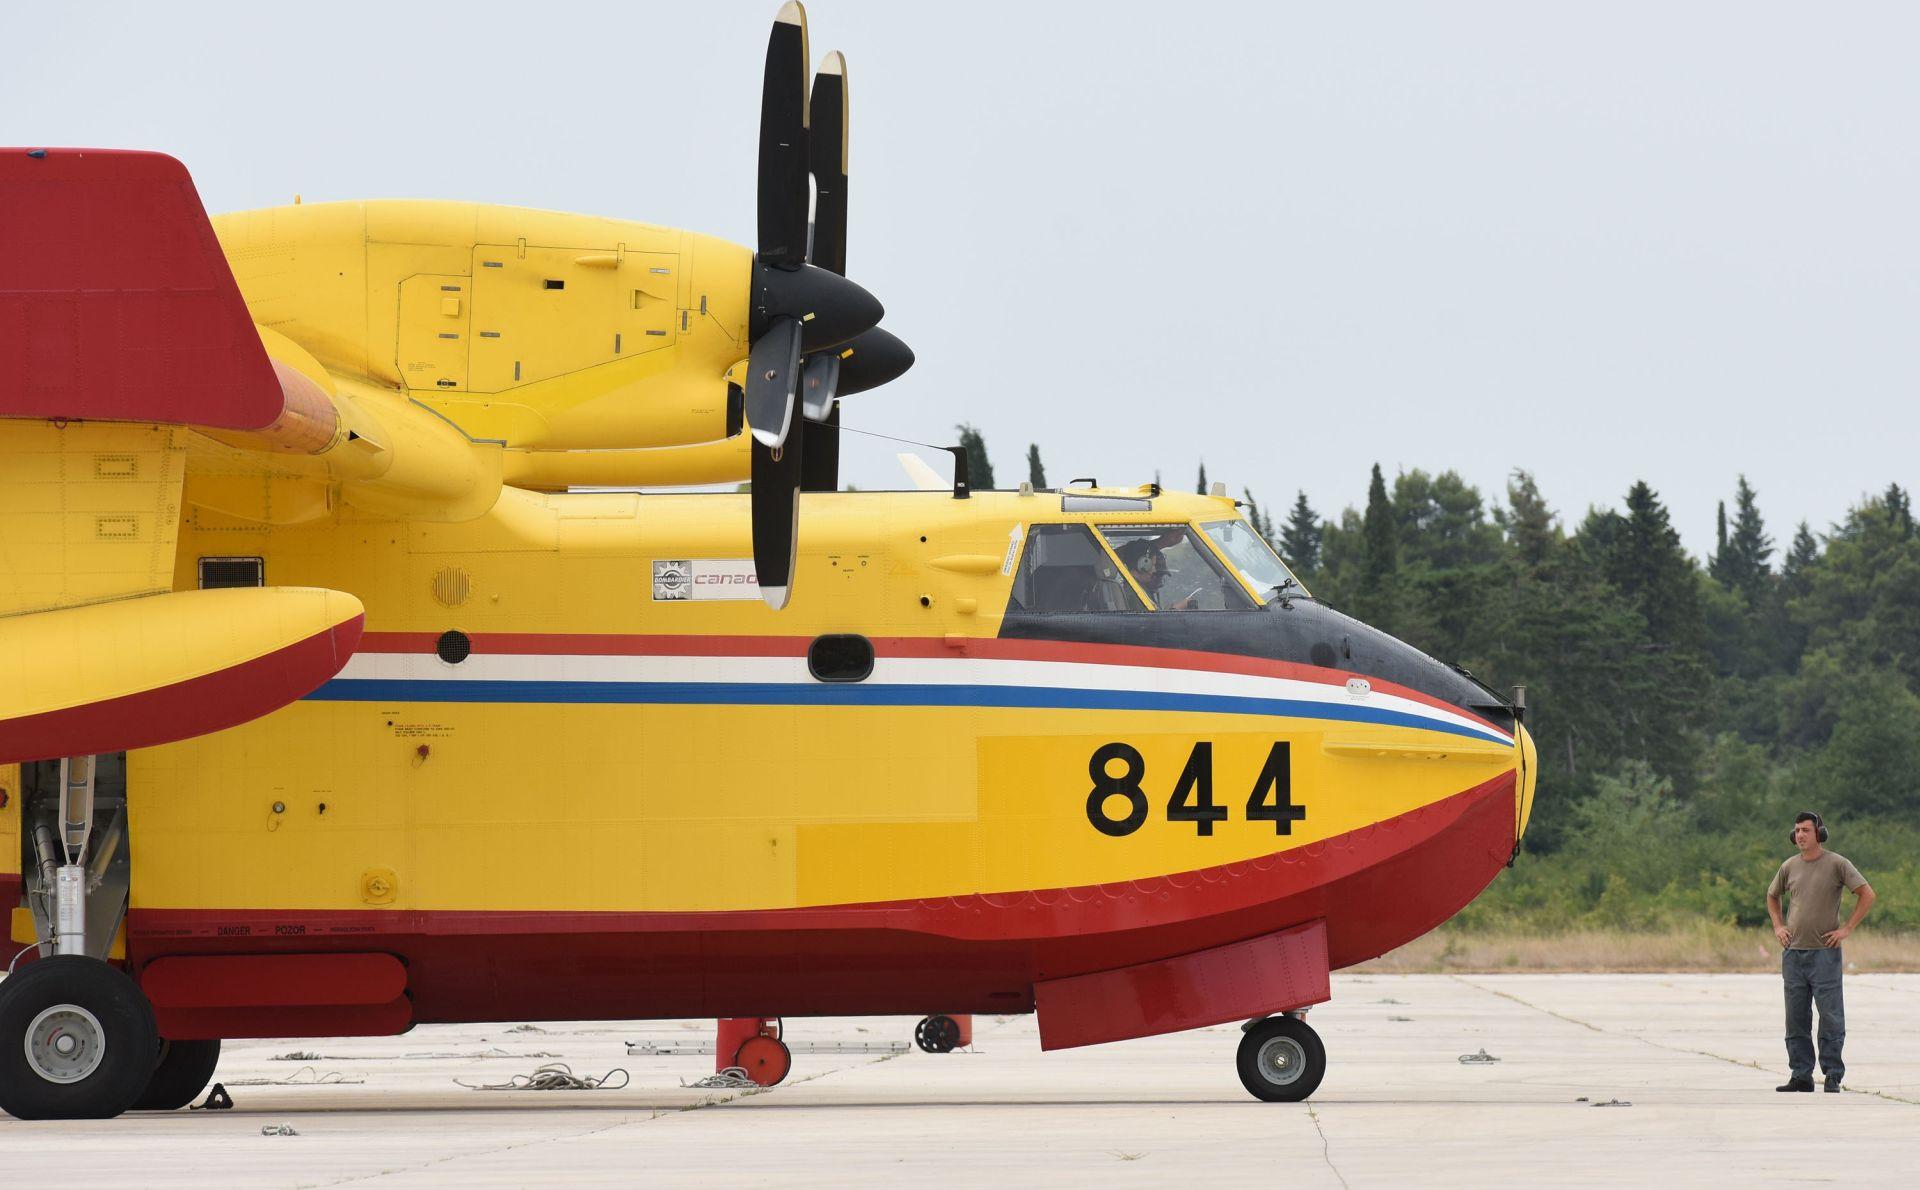 MORH: Zračne snage i danas angažirane na požarištima